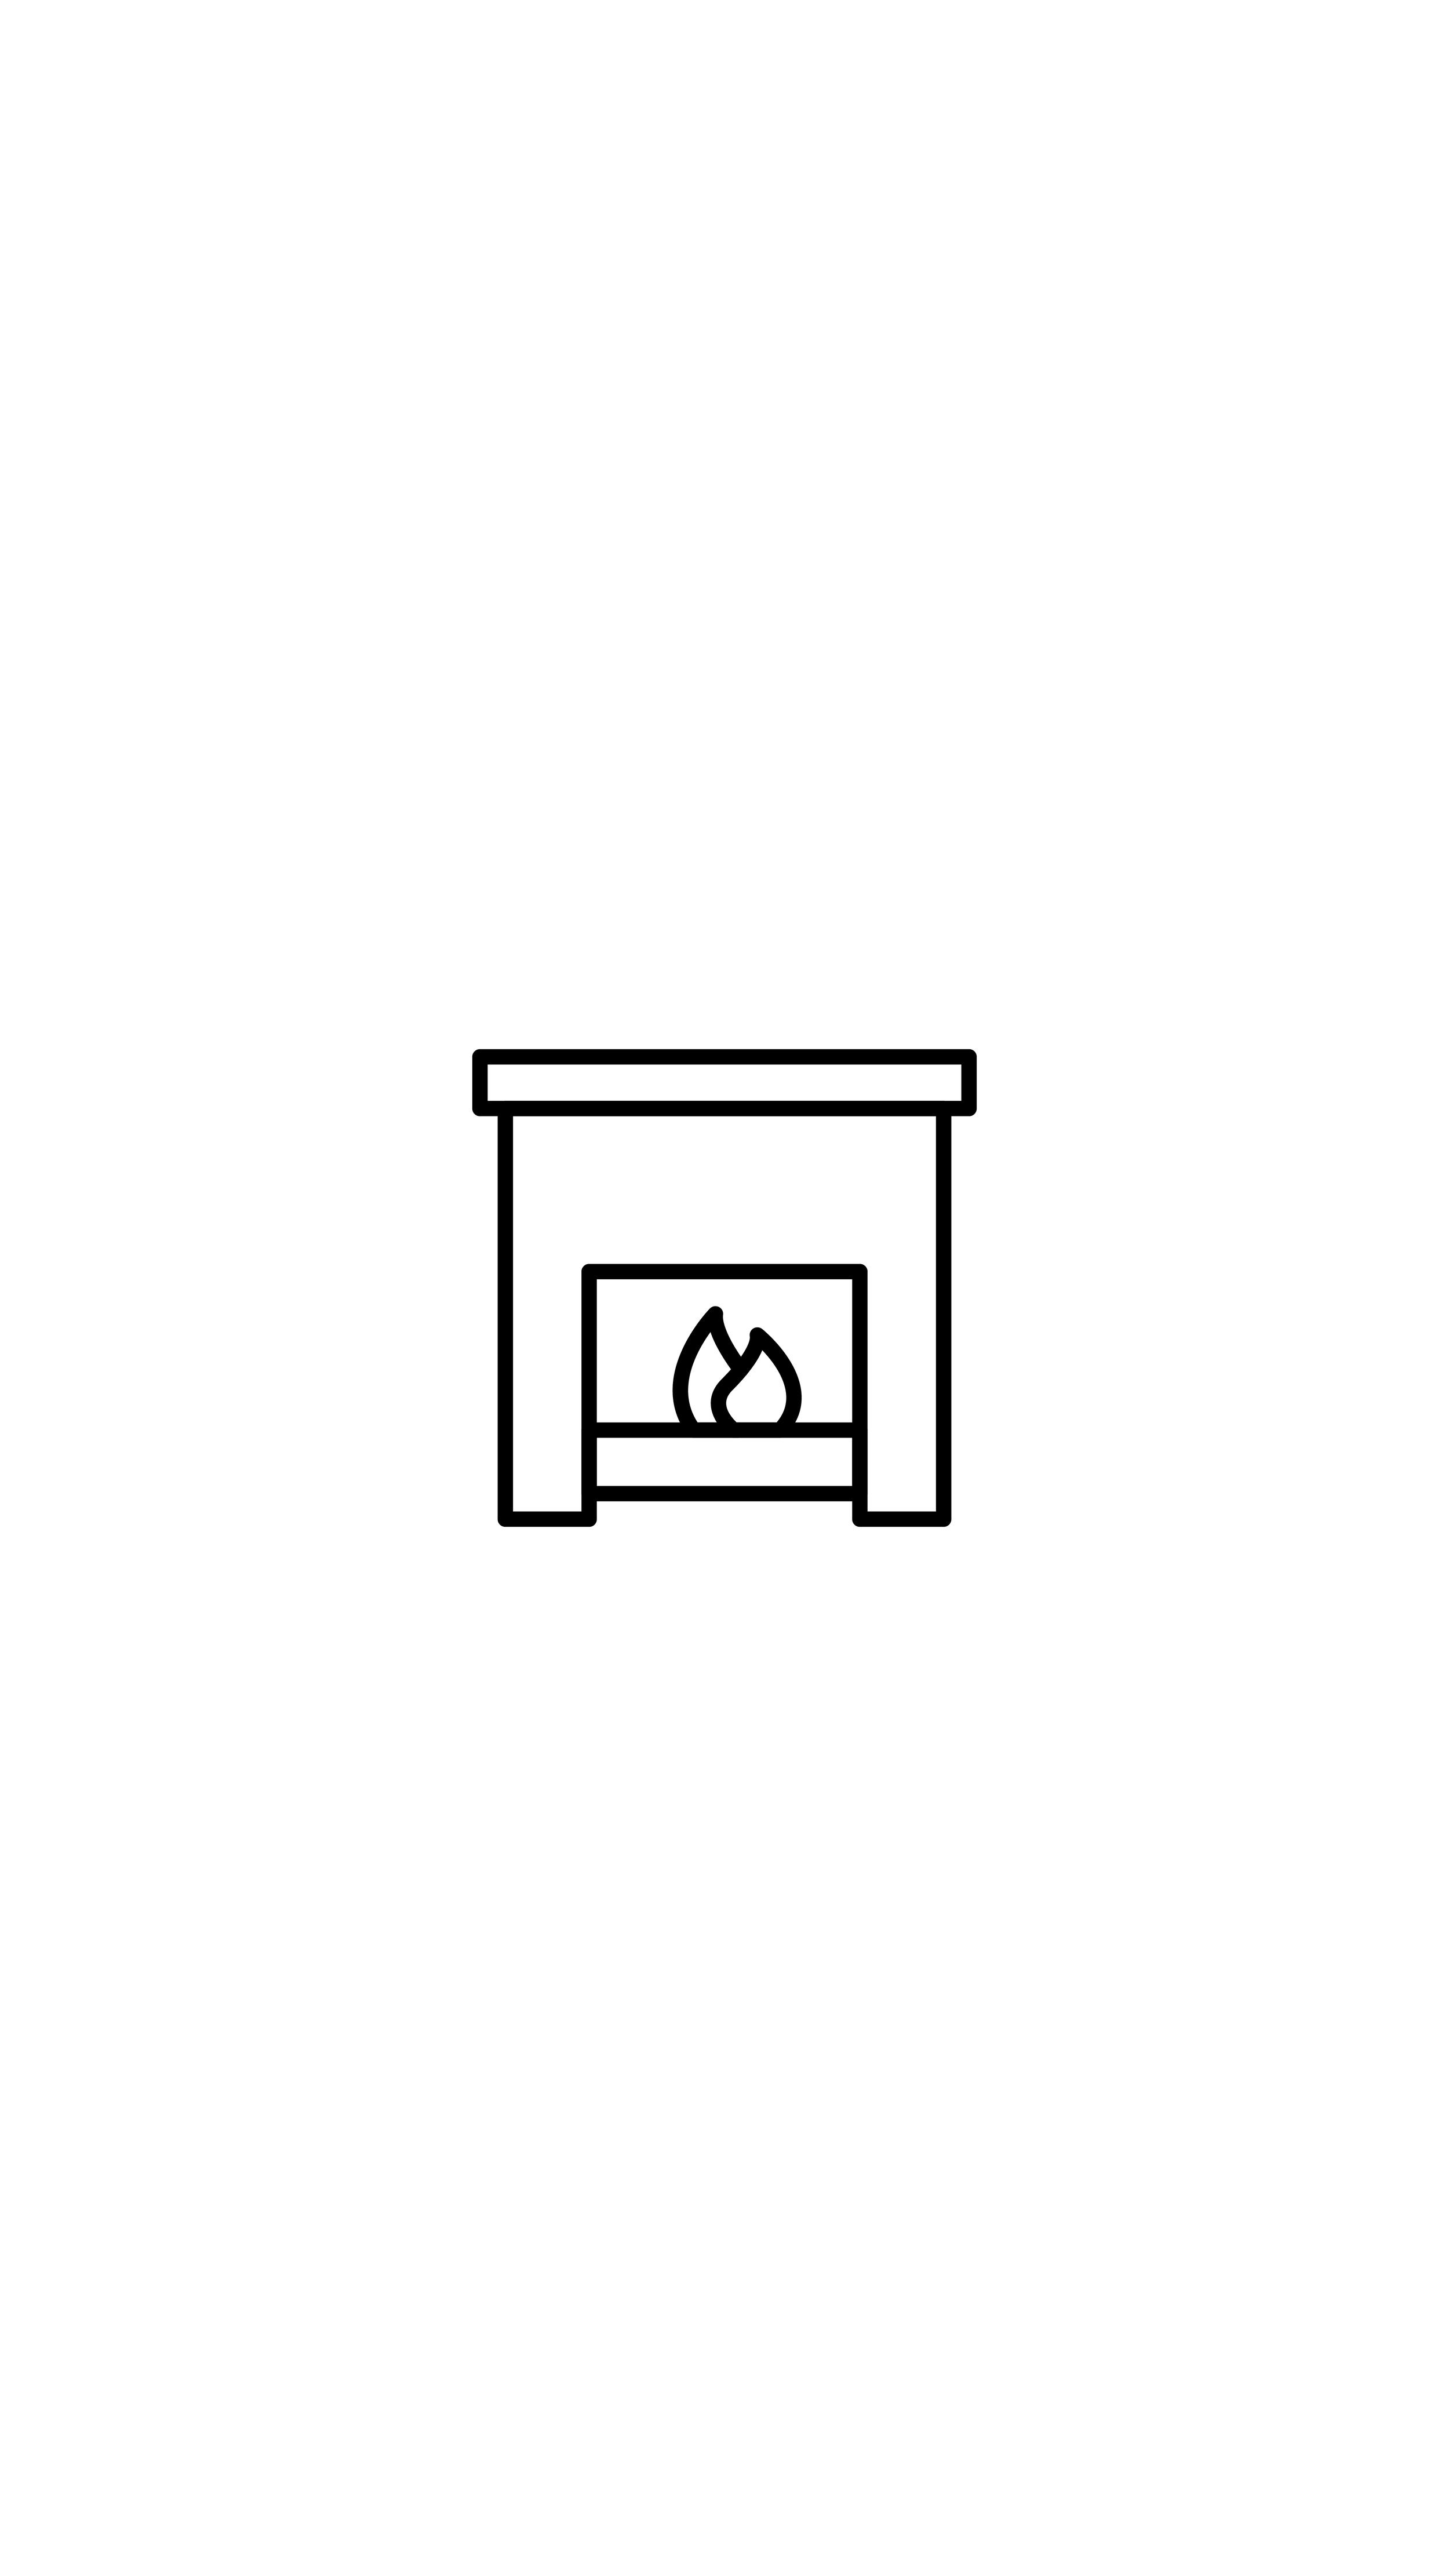 Fireplace, Mantel